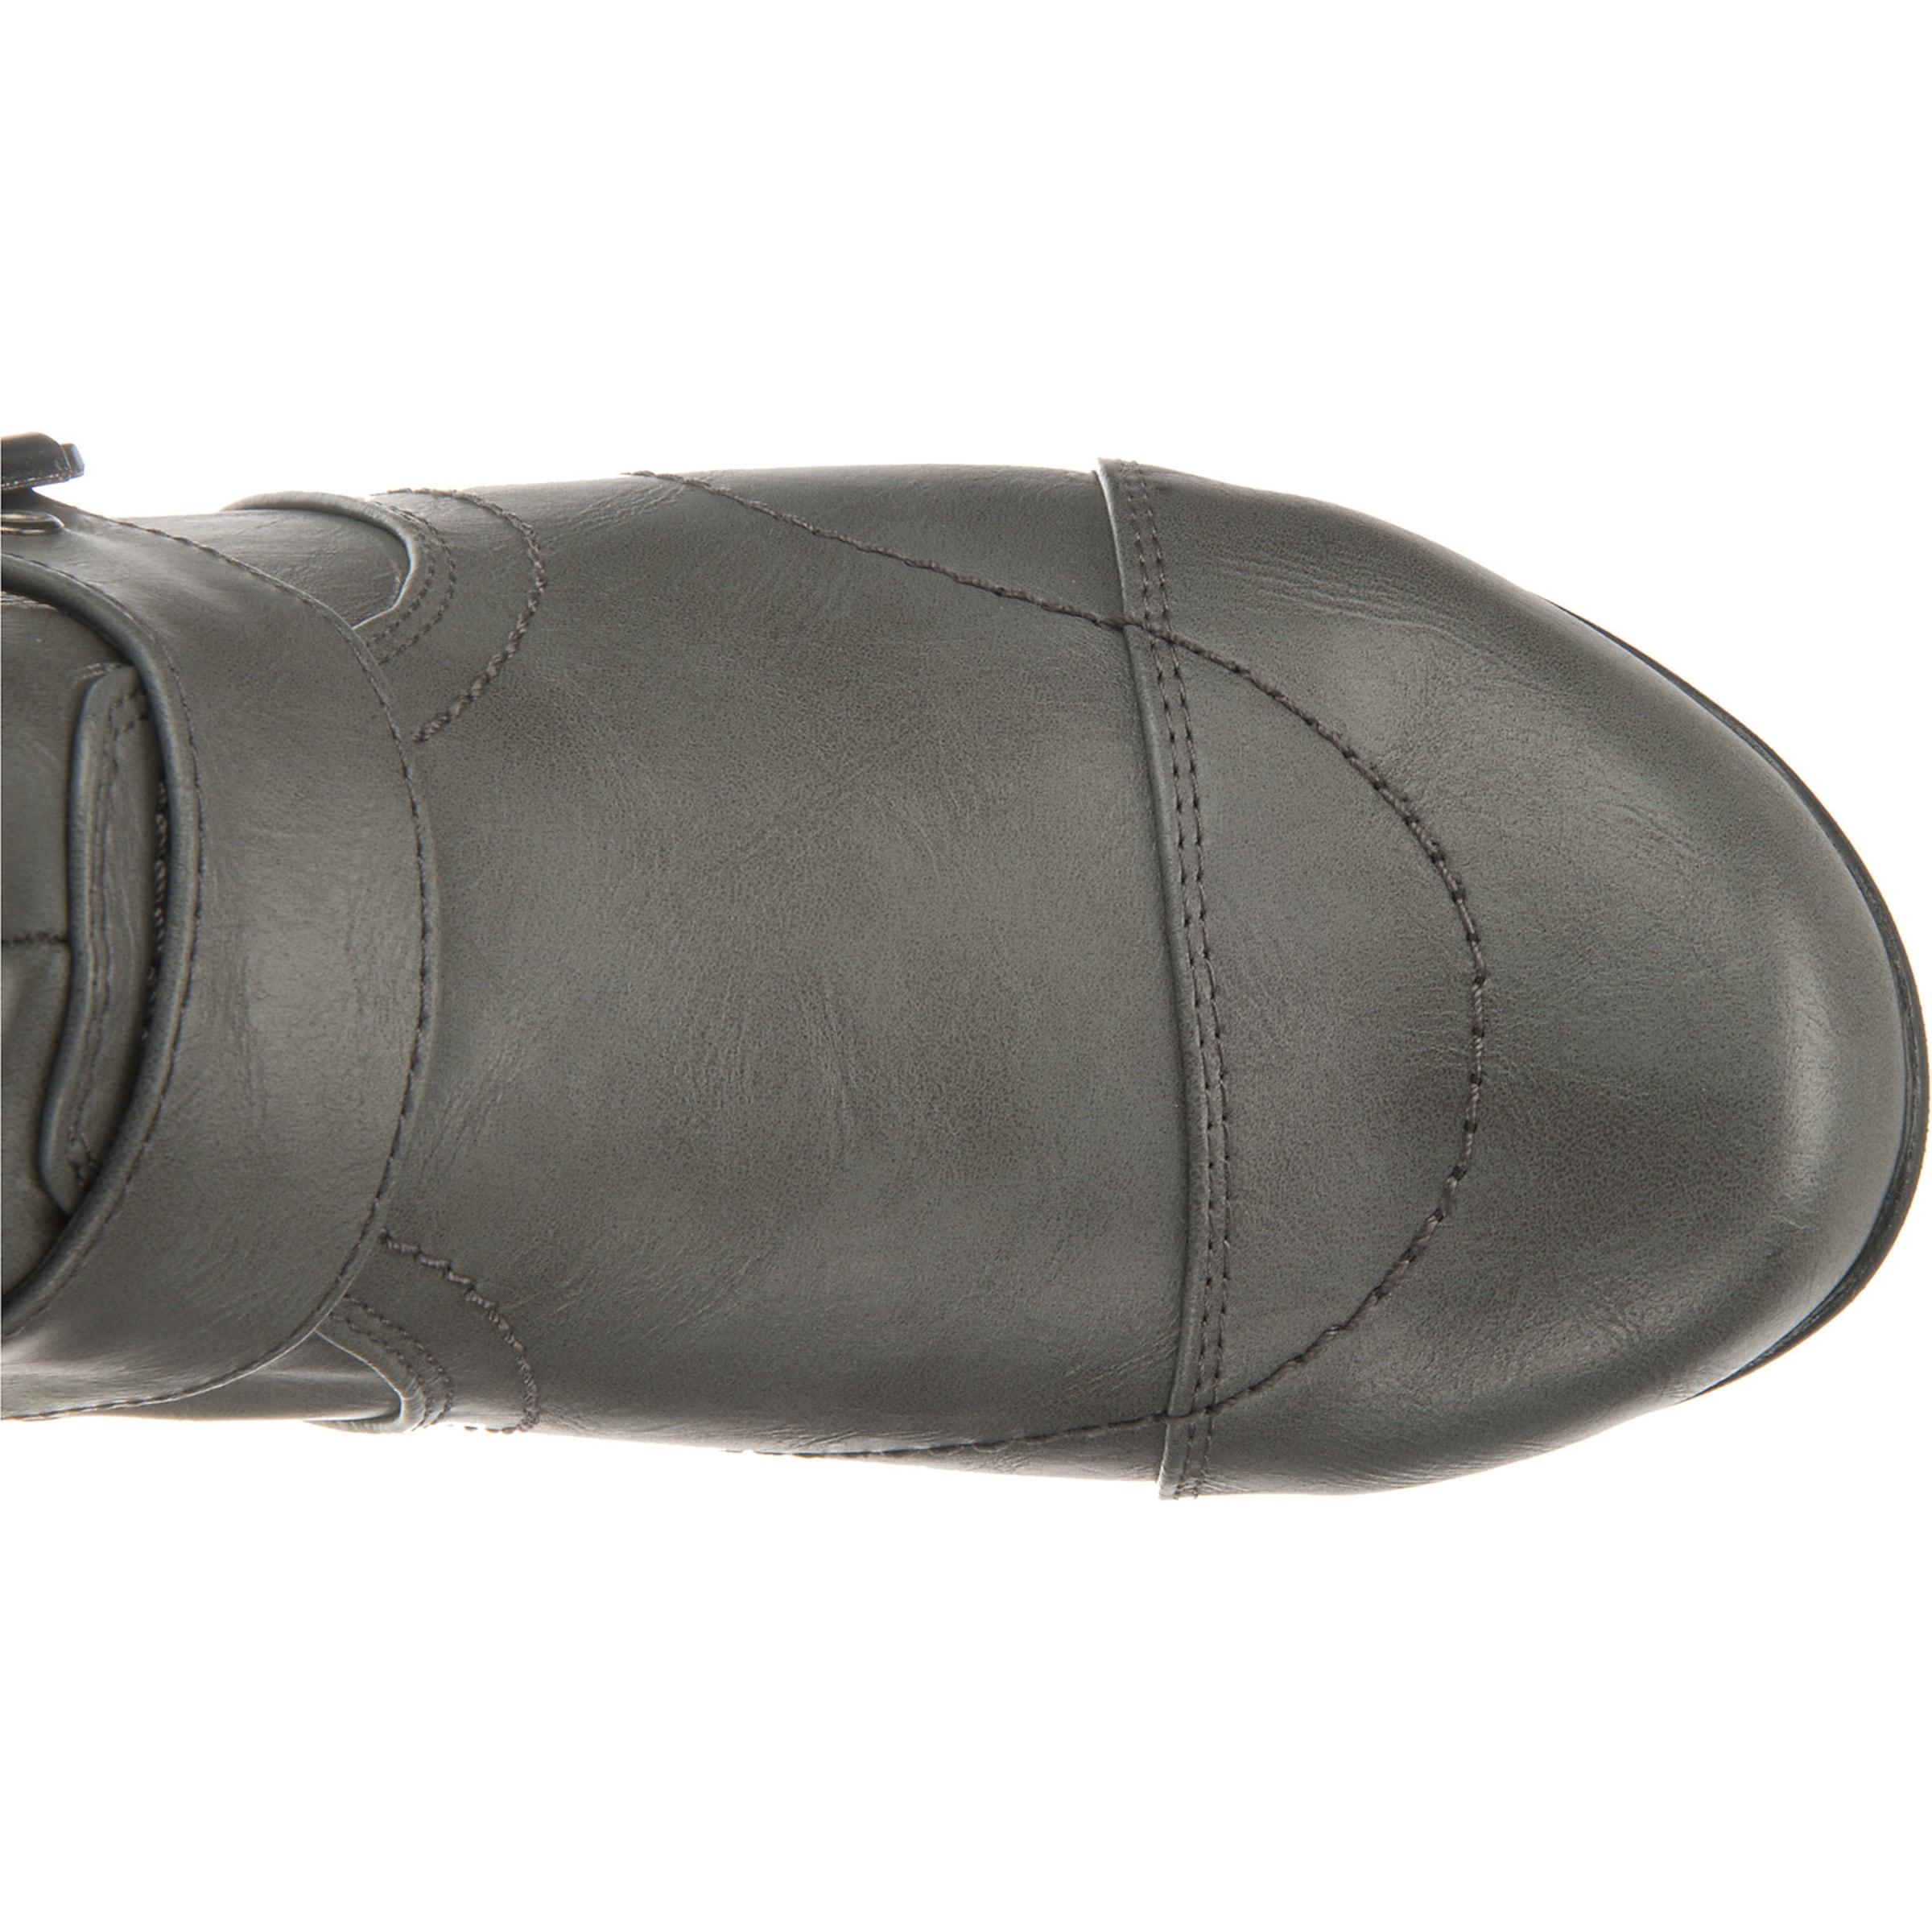 Unlimited Unlimited In Grau Unlimited Stiefel Stiefel In Stiefel Grau 1uTJ3KclF